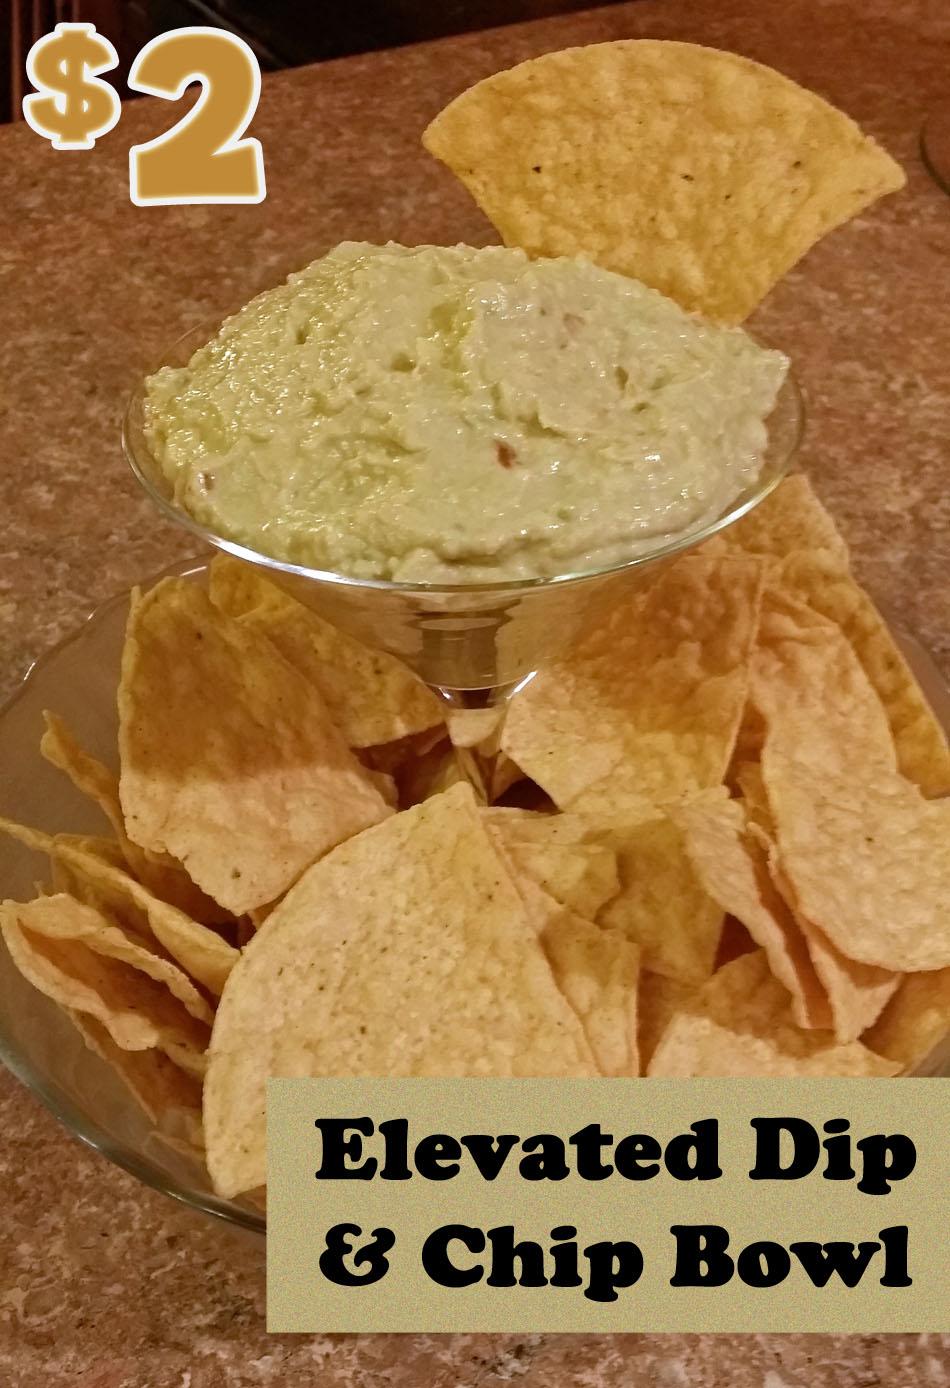 DIY Elevated Dip & Chip Bowl $2